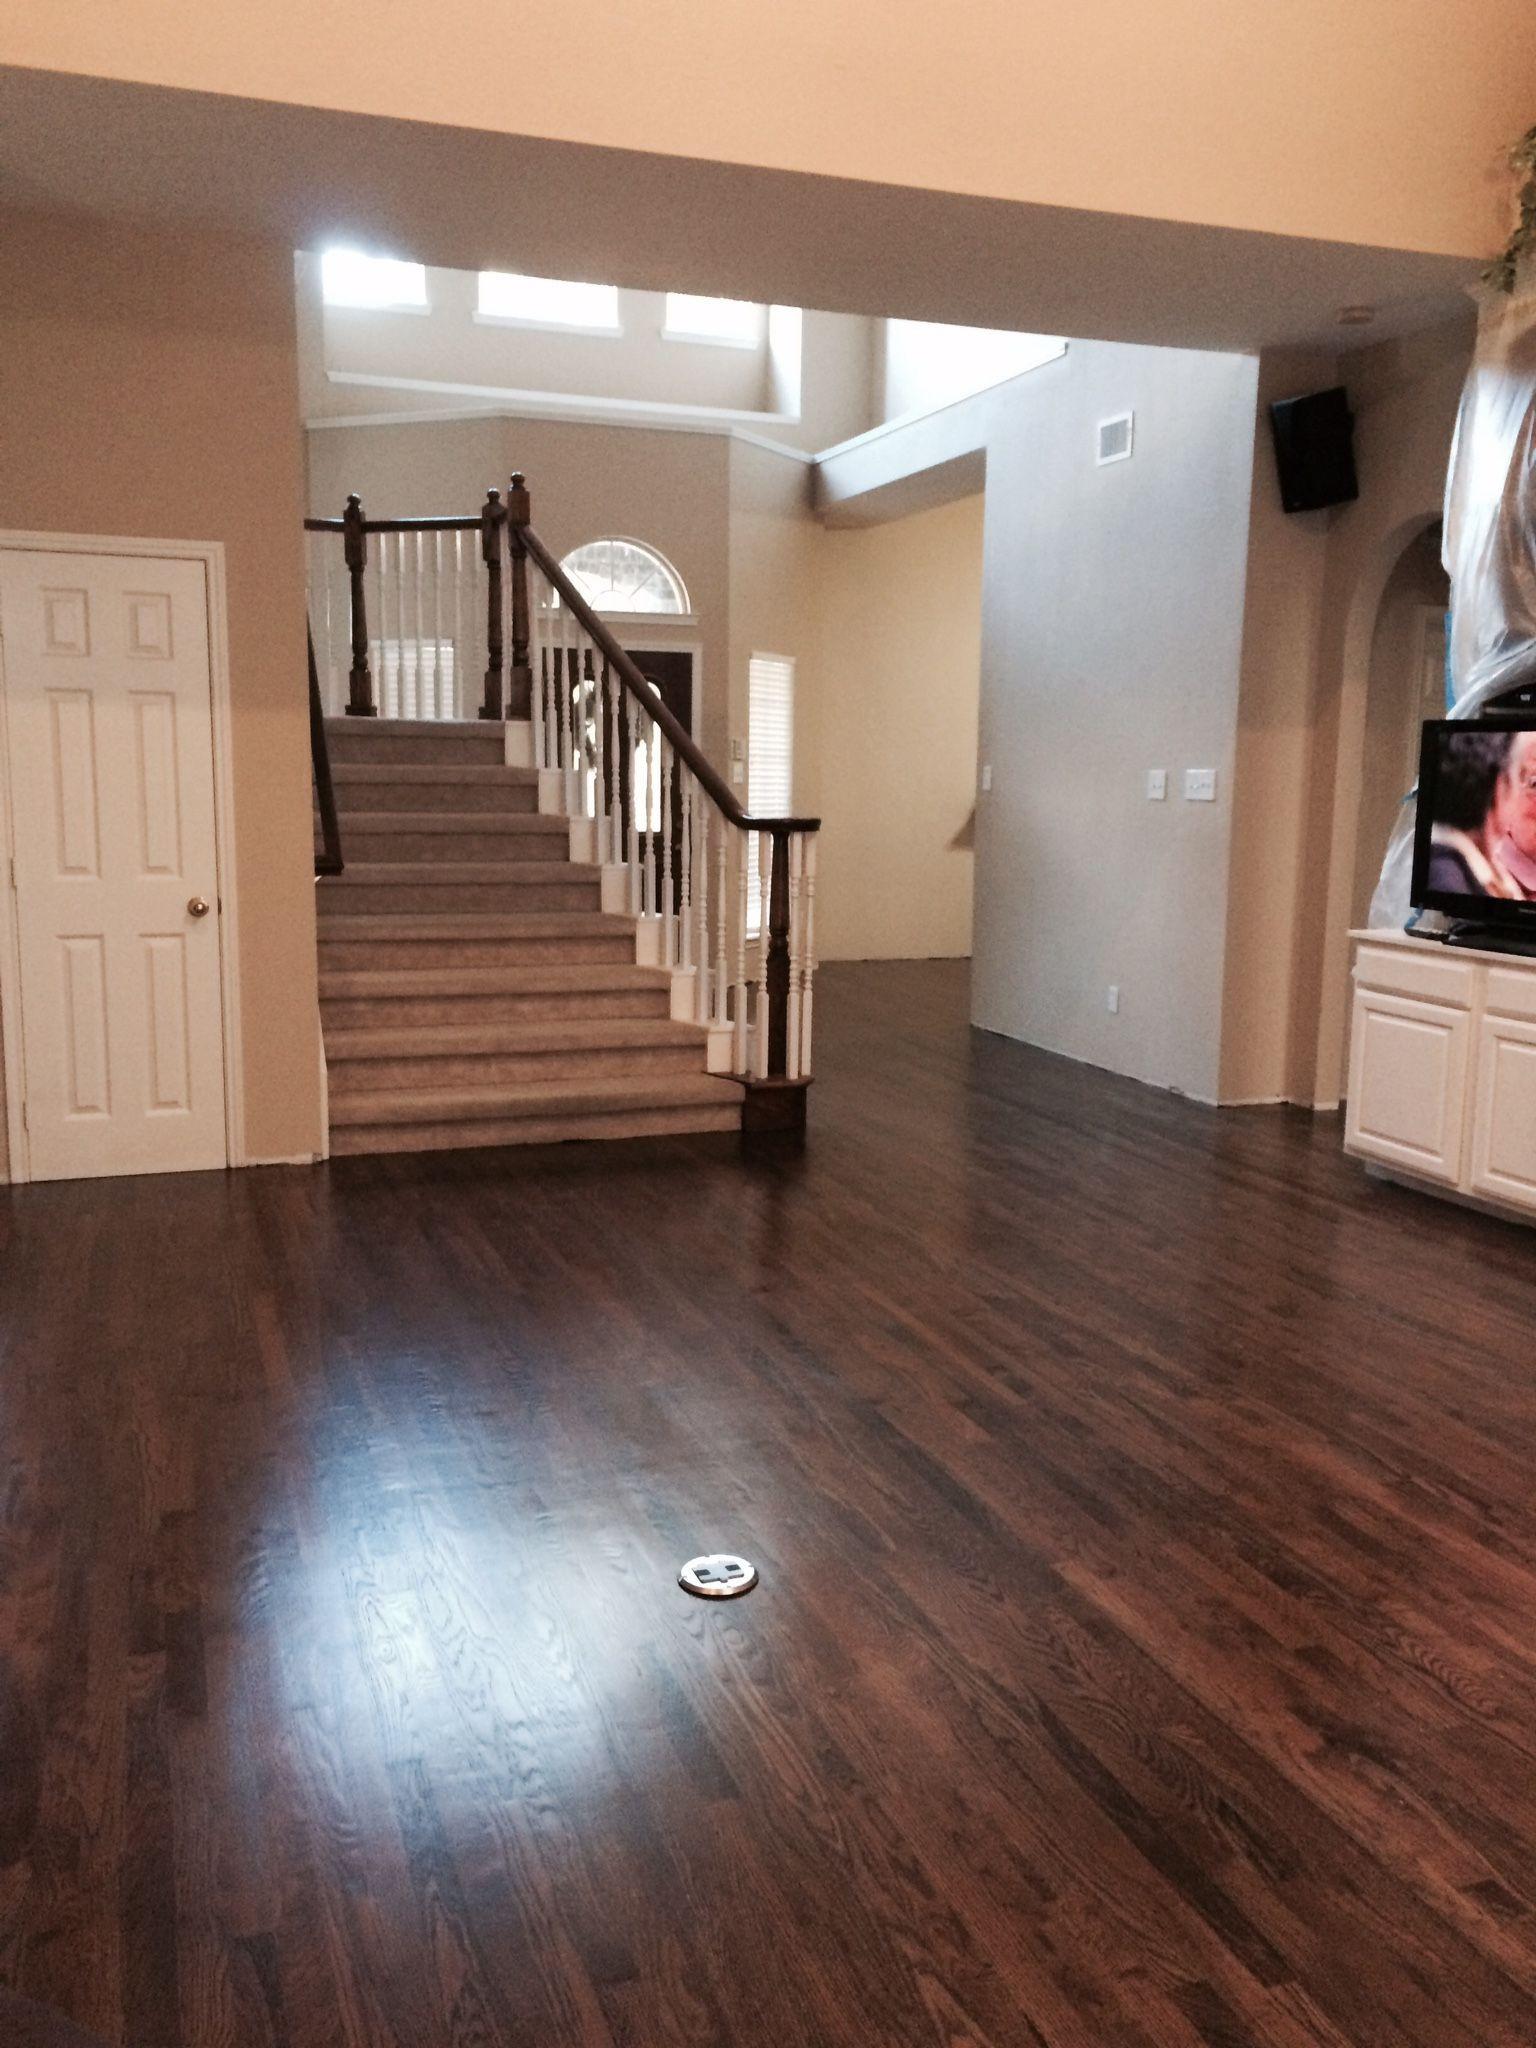 hardwood floor refinishing lincoln ne of dark walnut stain on white oak hardwood remodel 1floors in 2018 with dark walnut stain on white oak hardwood walnut hardwood flooring hardwood floor stain colors